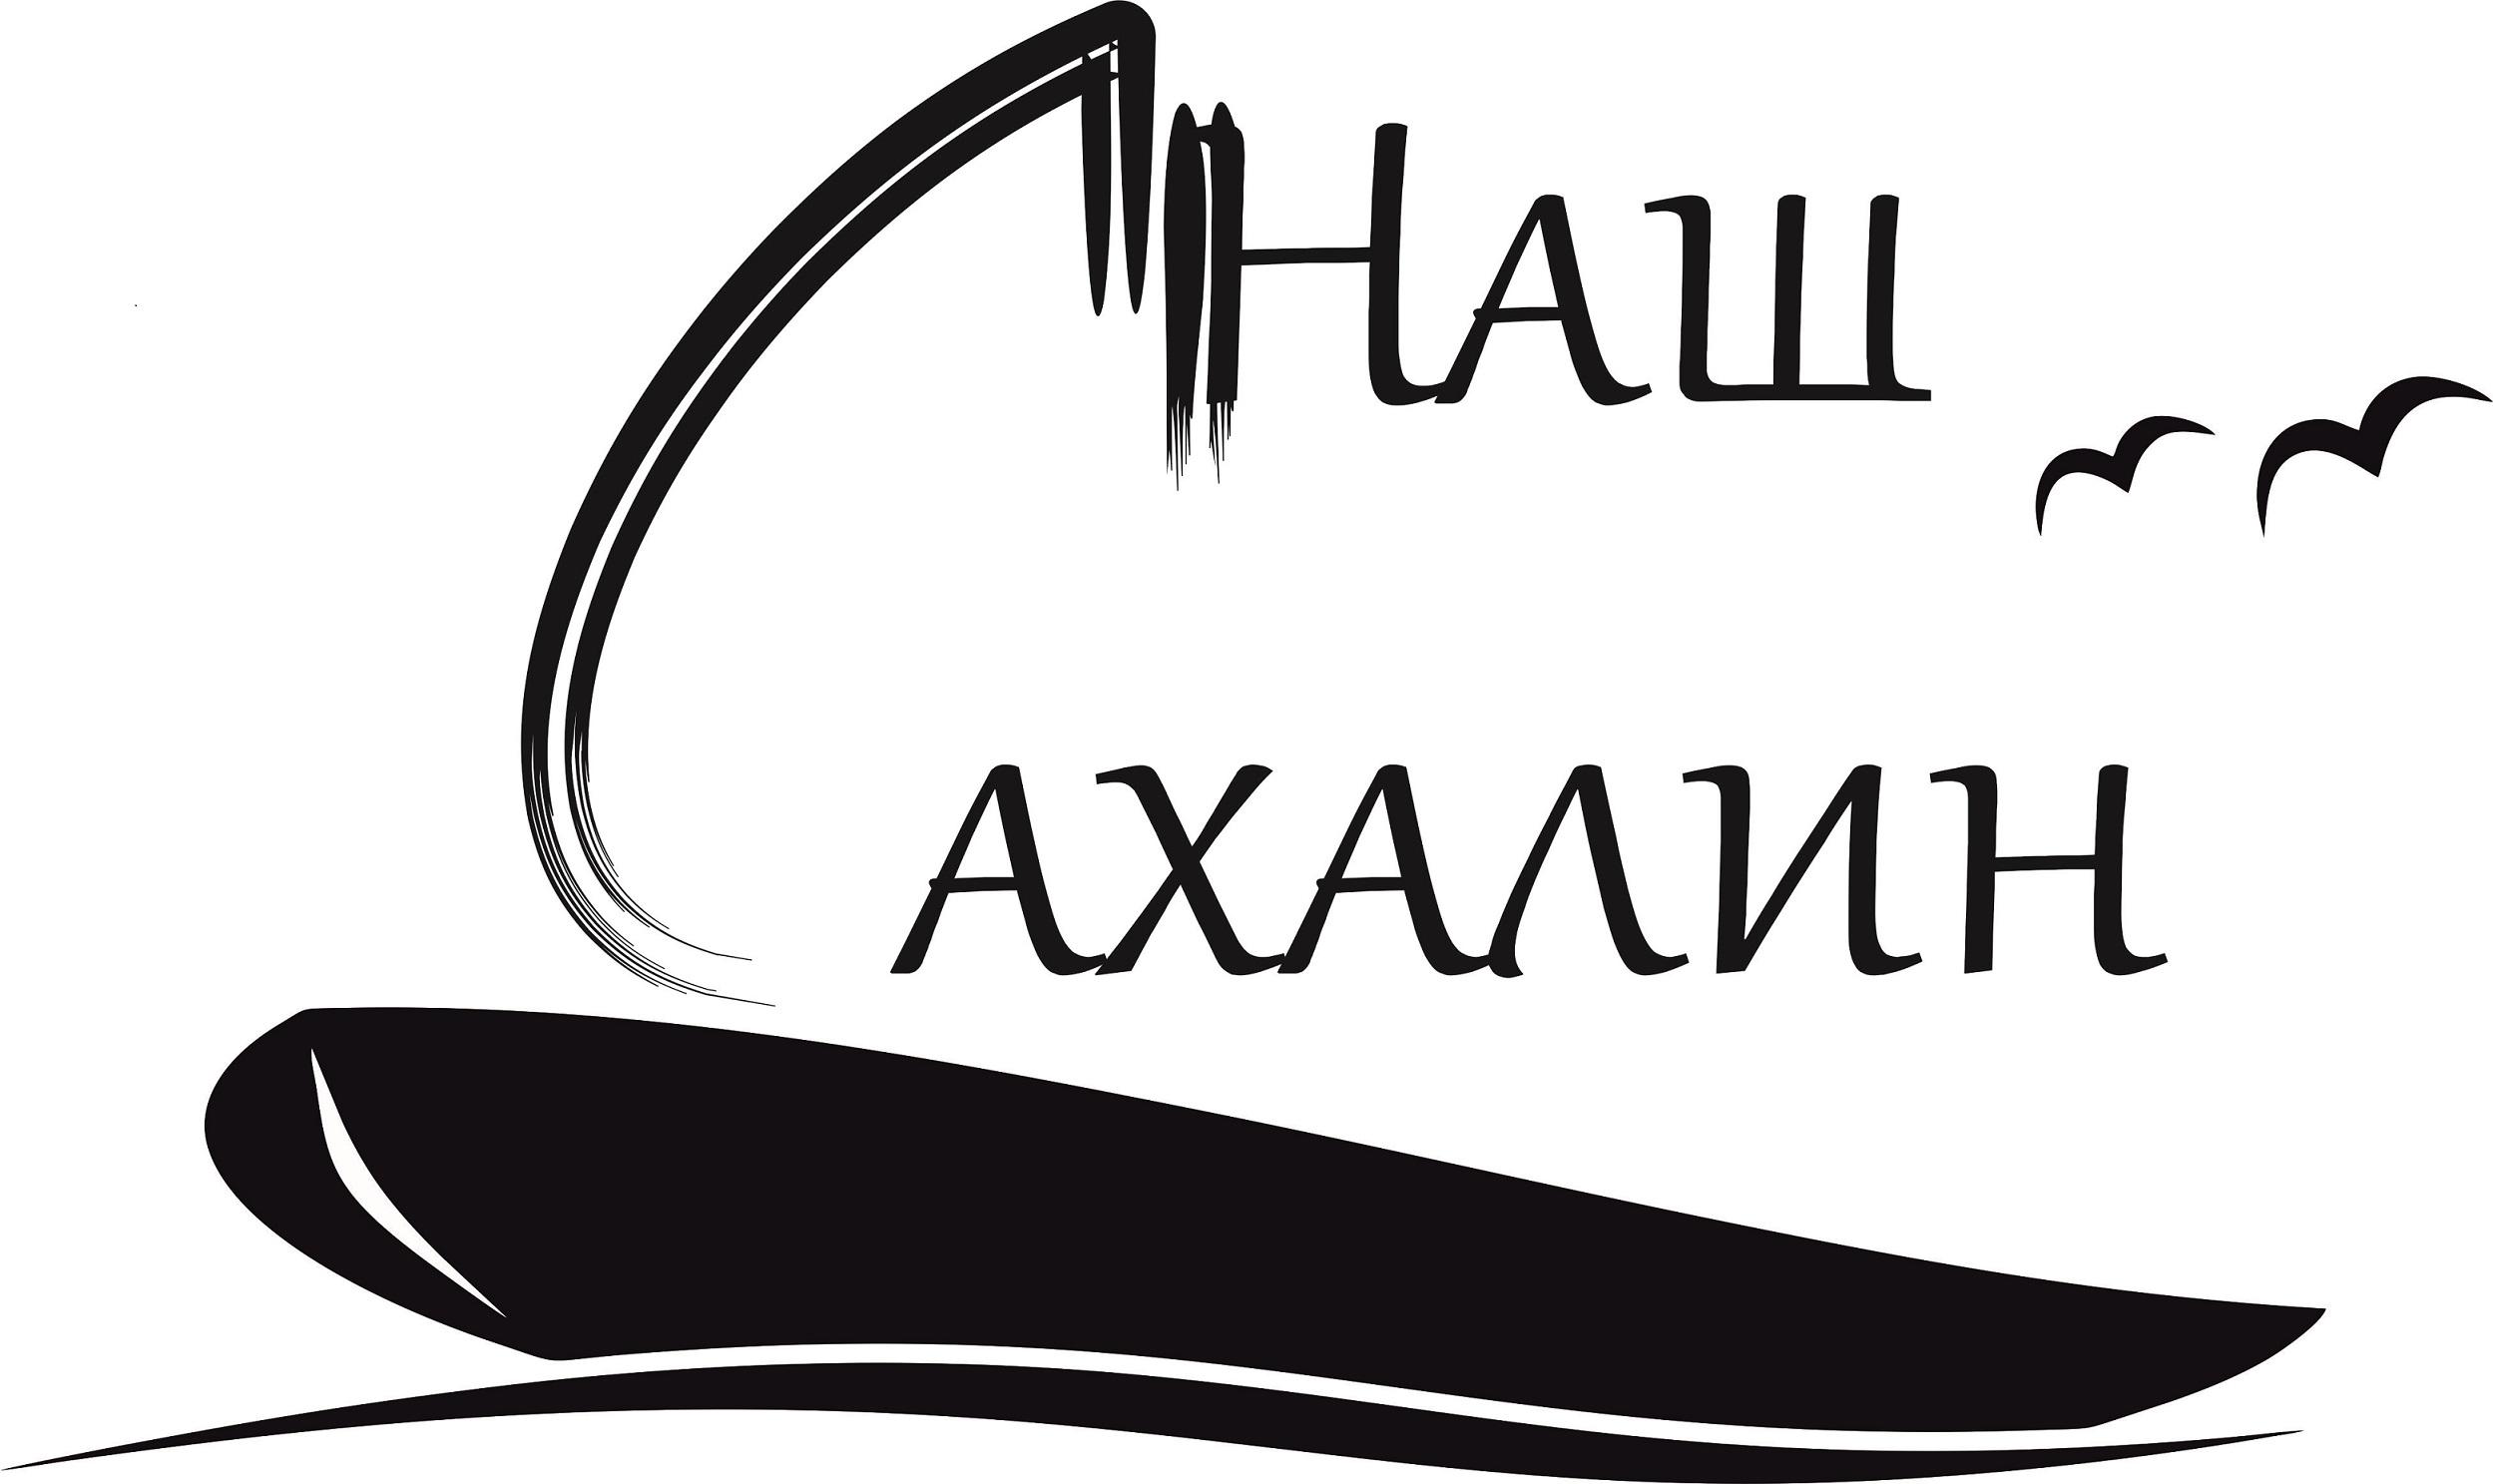 """Логотип для некоммерческой организации """"Наш Сахалин"""" фото f_4735a7c3c22de8f6.jpg"""